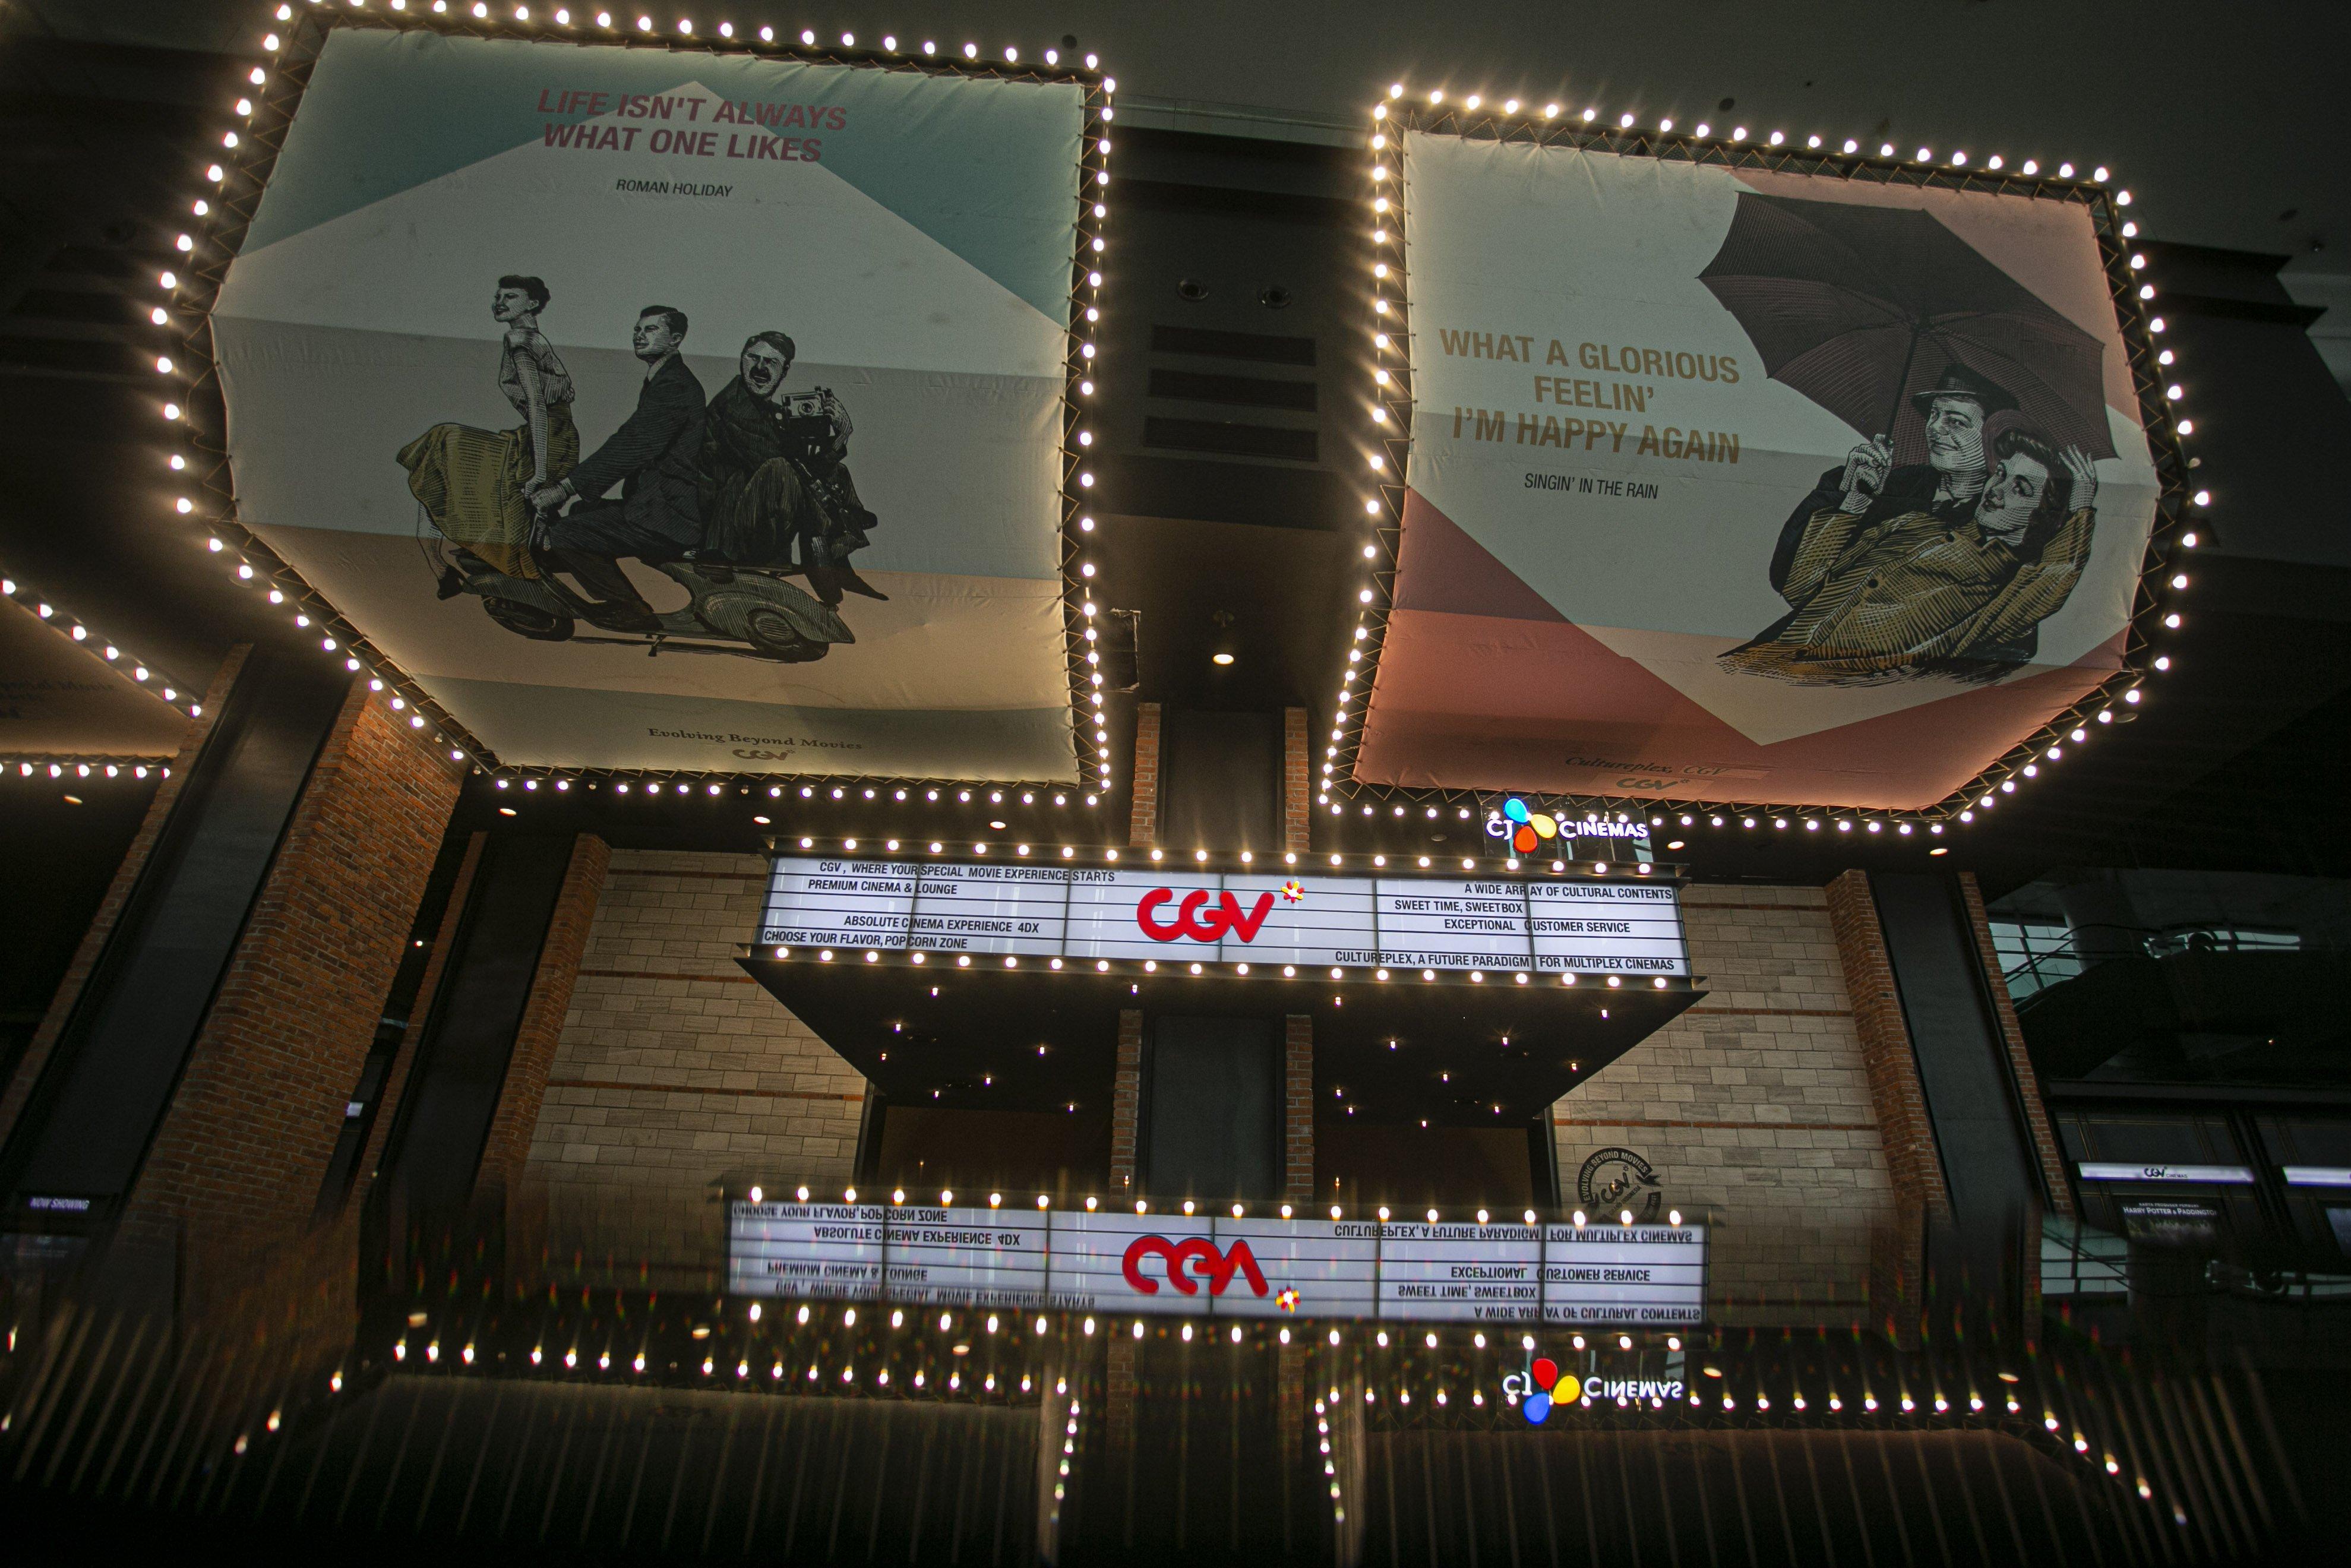 Pengunjung memasuki bioskop CGV Grand Indonesia Jakarta Pusat, Rabu, (21/10/2020). Sejumlah bioskop di Ibu Kota kembali beroperasi per hari Rabu (21/10/2020) setelah mendapatkan izin dari Pemprov DKI Jakarta dengan jumlah penonton dibatasi maksimal 25 persen dari total kapasitas. Pihak bioskop menerapkan protokol kesehatan yang ketat dan tidak memperkenankan pengunjung untuk makan di dalam ruang bioskop.